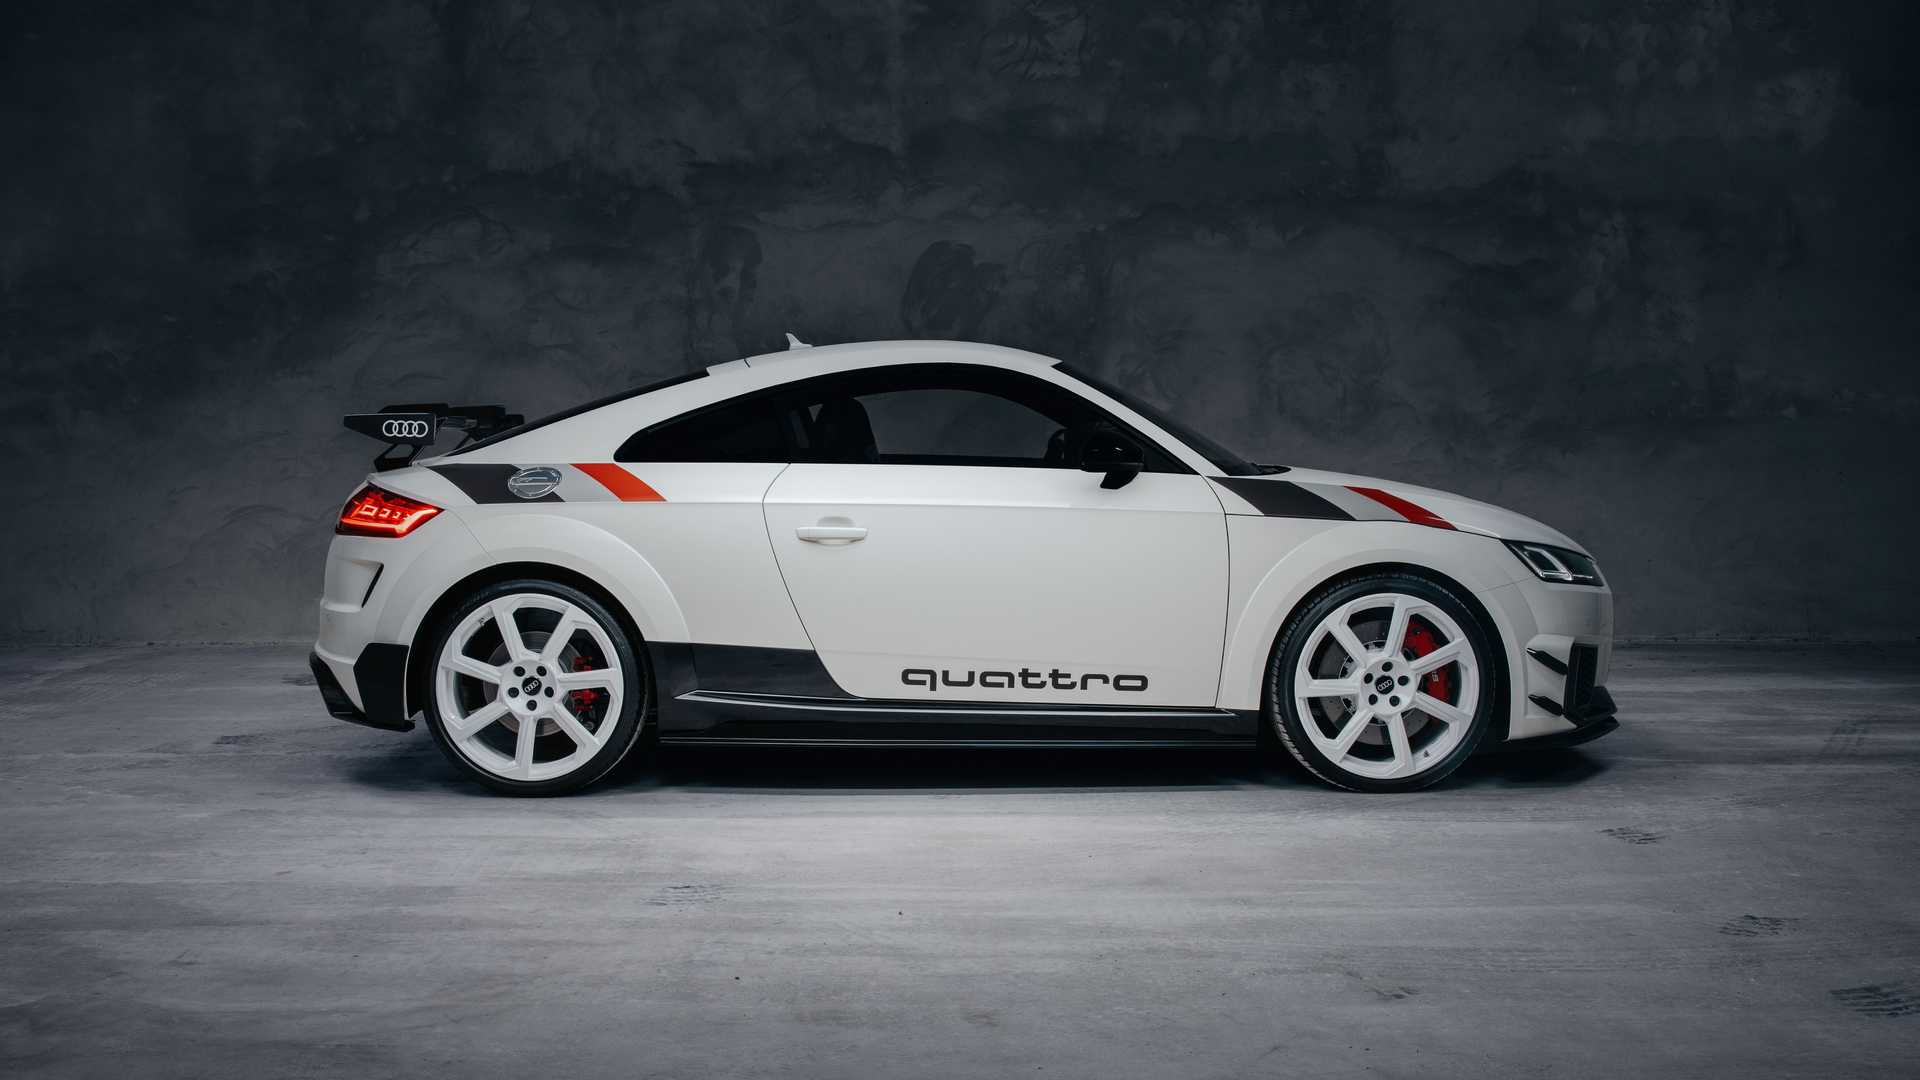 Audi_TT_RS_40_Years_Of_Quattro_0002